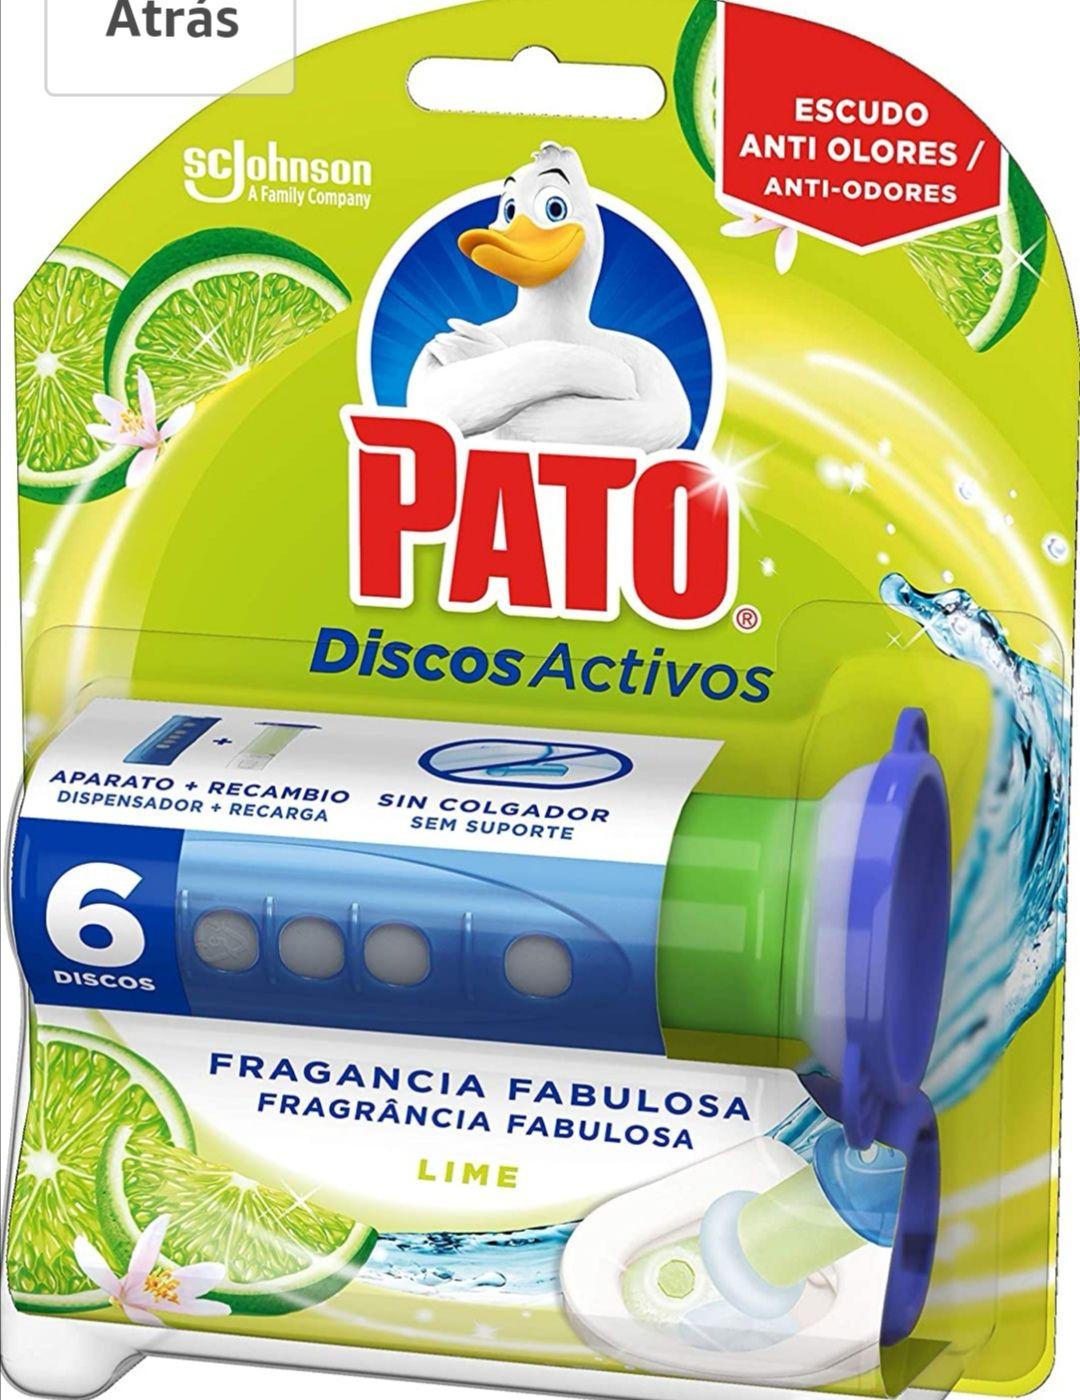 Pack 3 Pato - Discos Activos WC Lima, aplicador y recambio con 6 discos